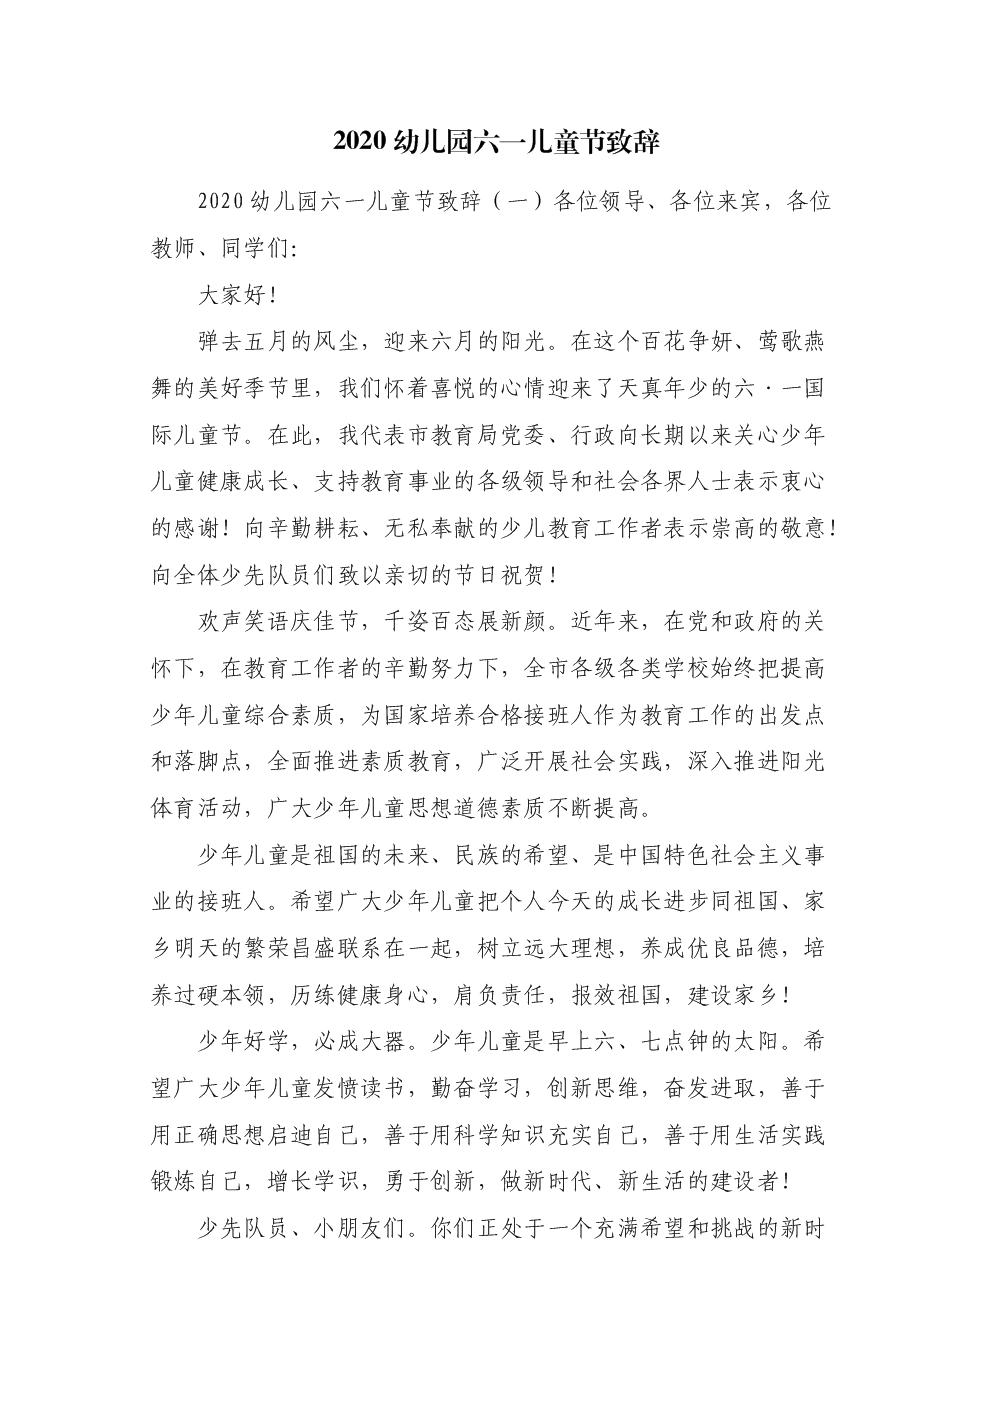 (精选)2020幼儿园六一儿童节致辞.doc